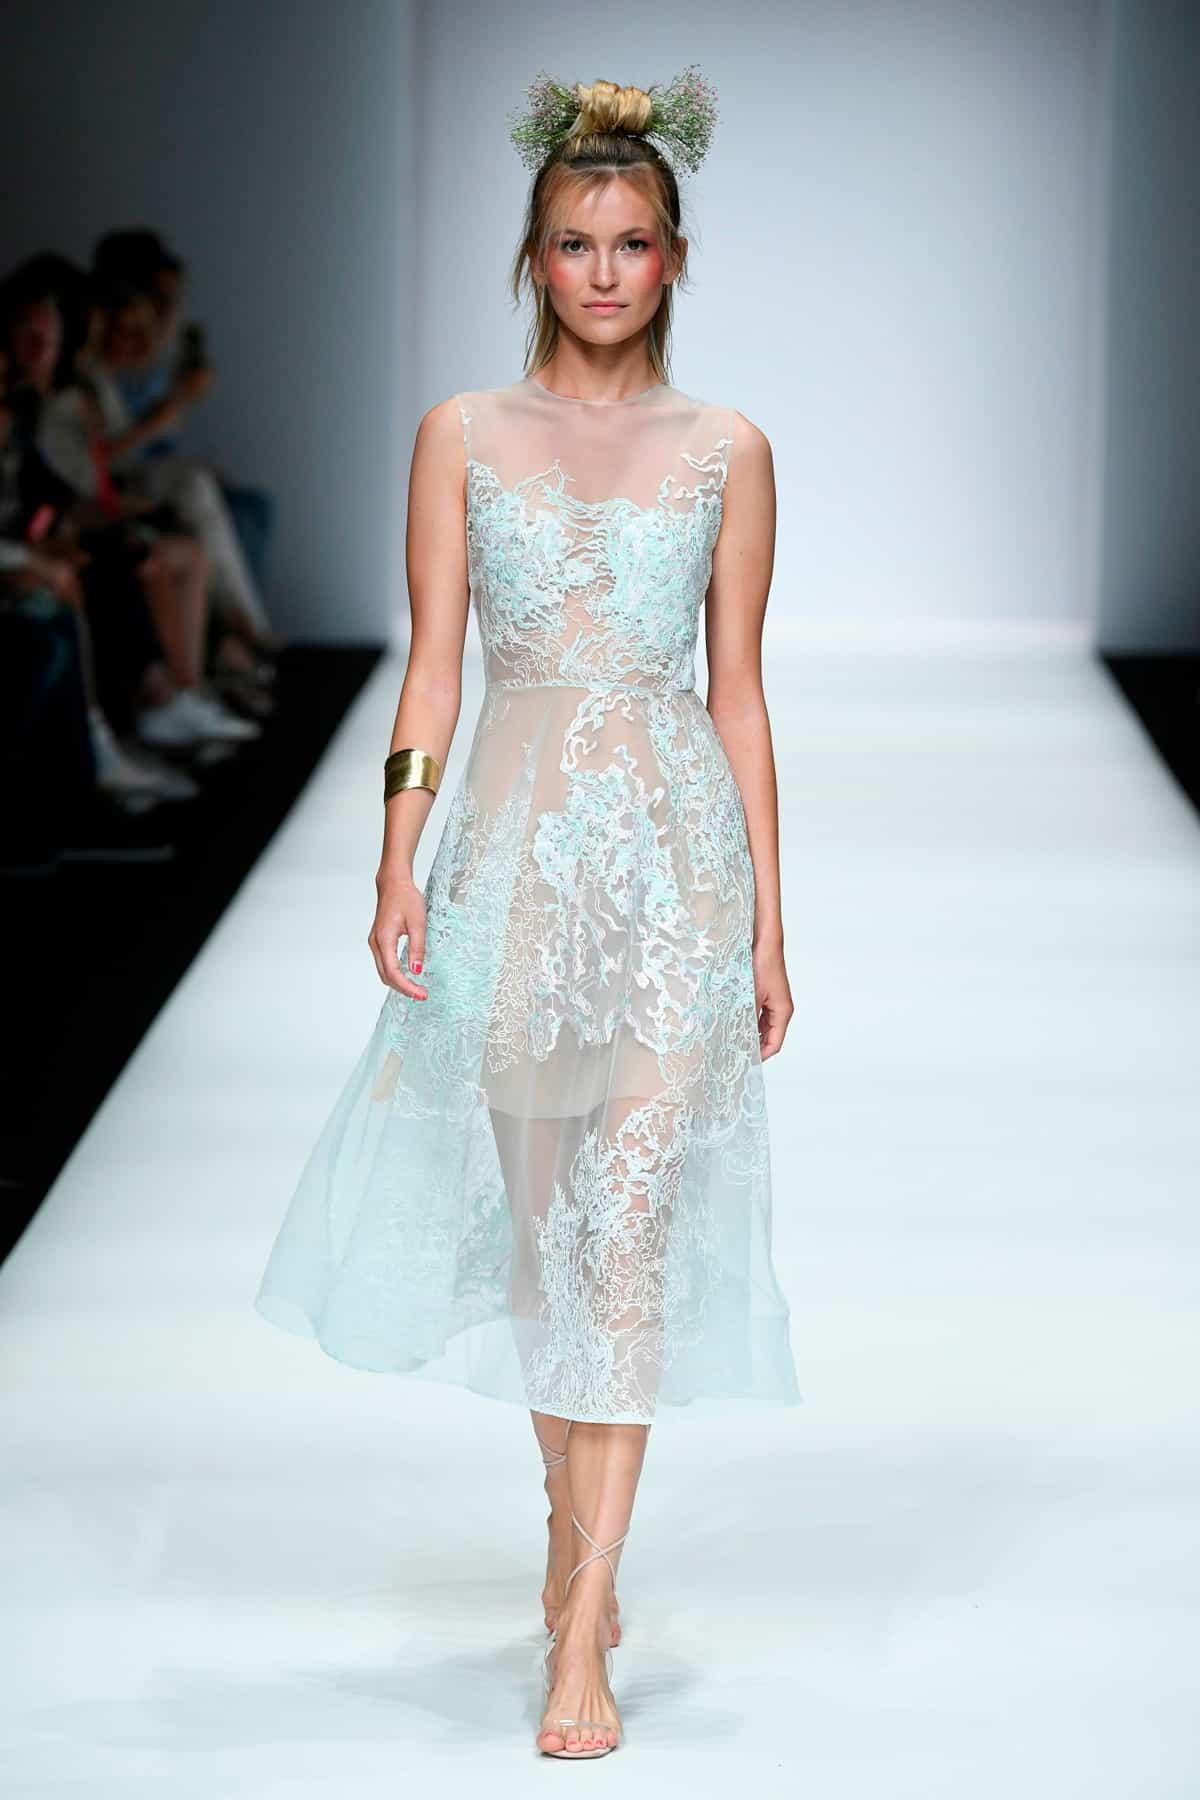 Sommermode 2020 von Lana Mueller zur MBFW auf der Fashion Week Berlin Juli 2019 - 4